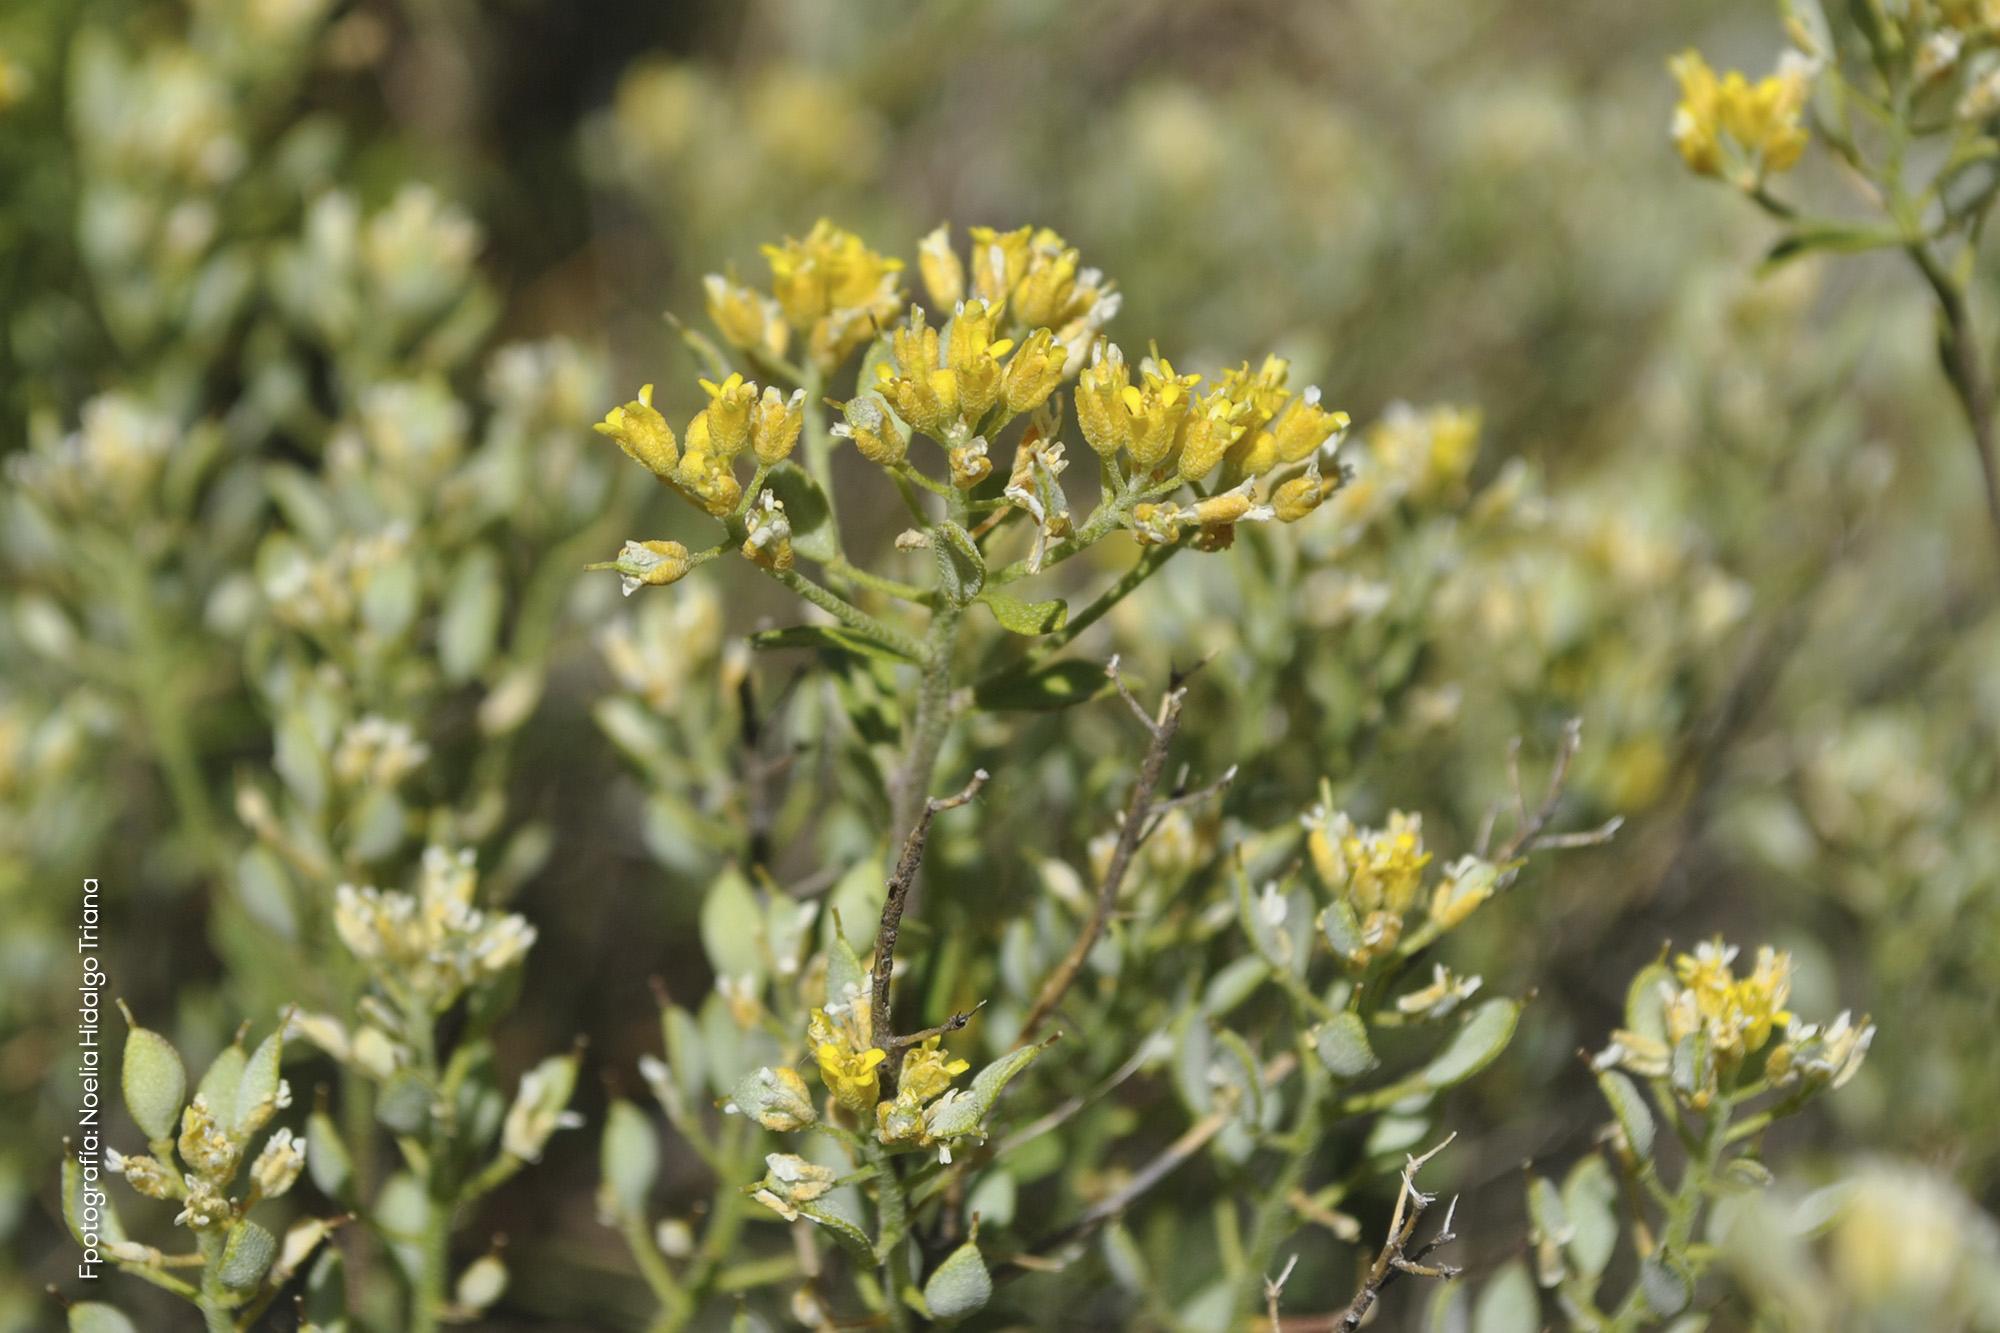 Allyssum serpyllifolium subsp.malacitanum